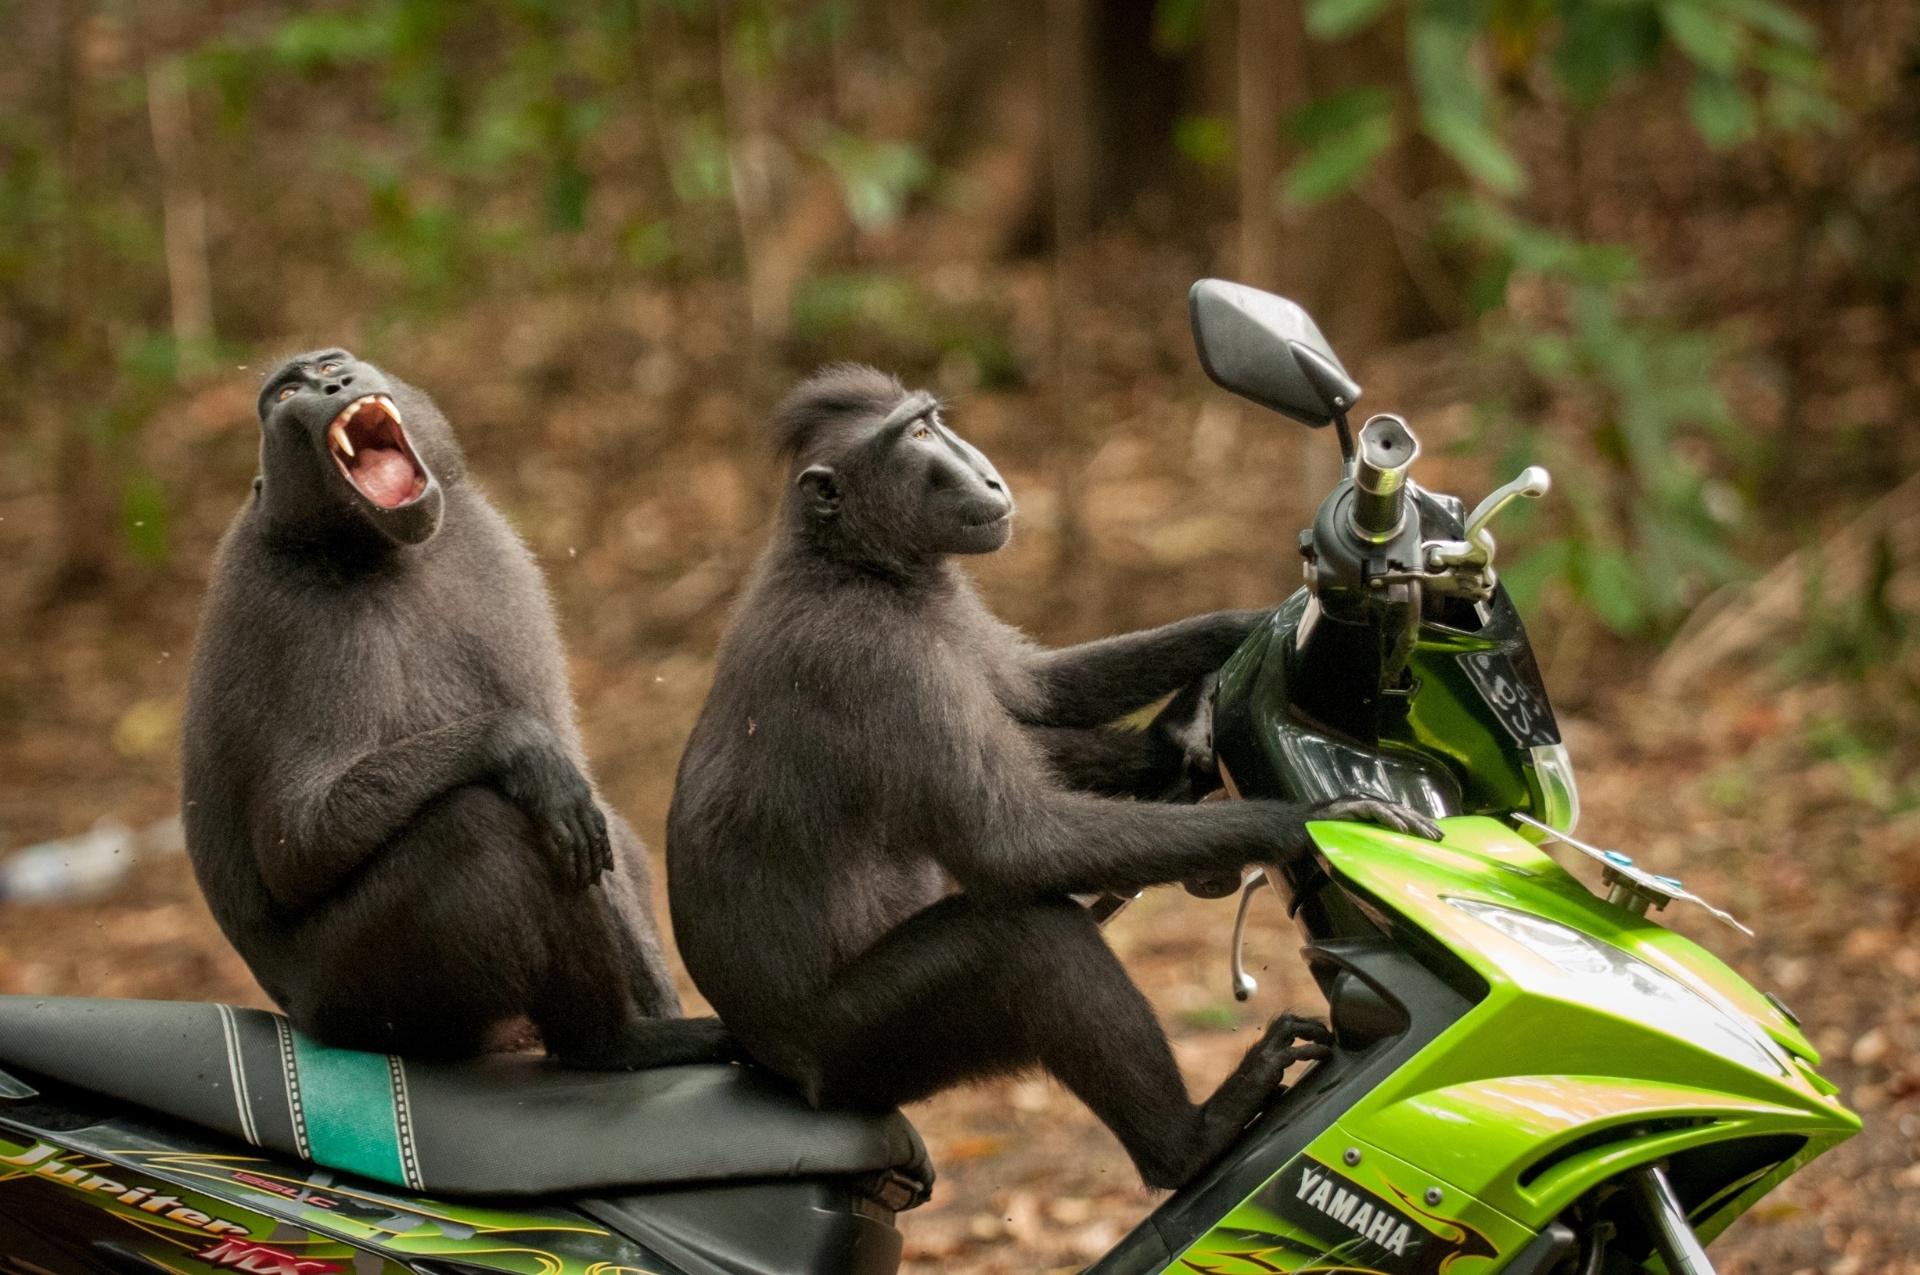 Curtindo a vida adoidado - A dupla de macacos parece estar curtindo muito montar nessa moto. Foto feita Sulawesi do Norte, na Indonésia